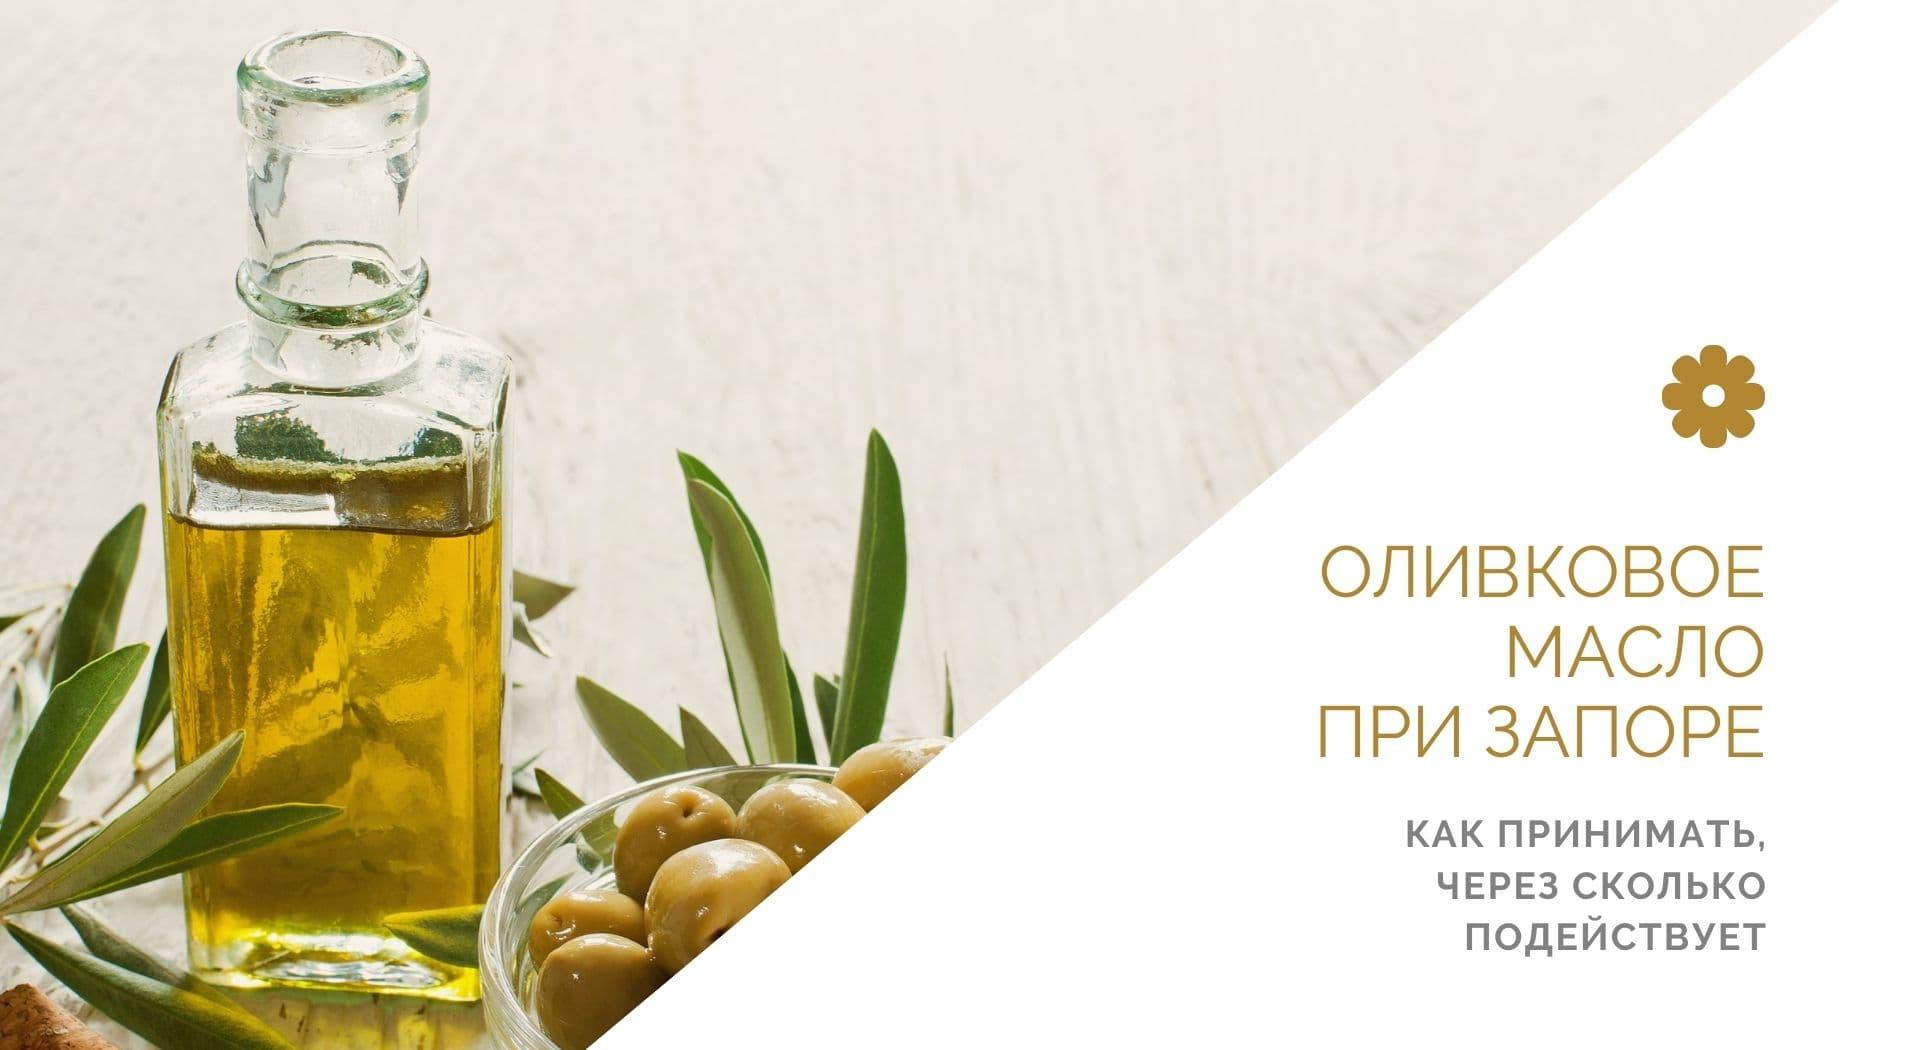 Оливковое масло при запоре: как принимать, через сколько подействует